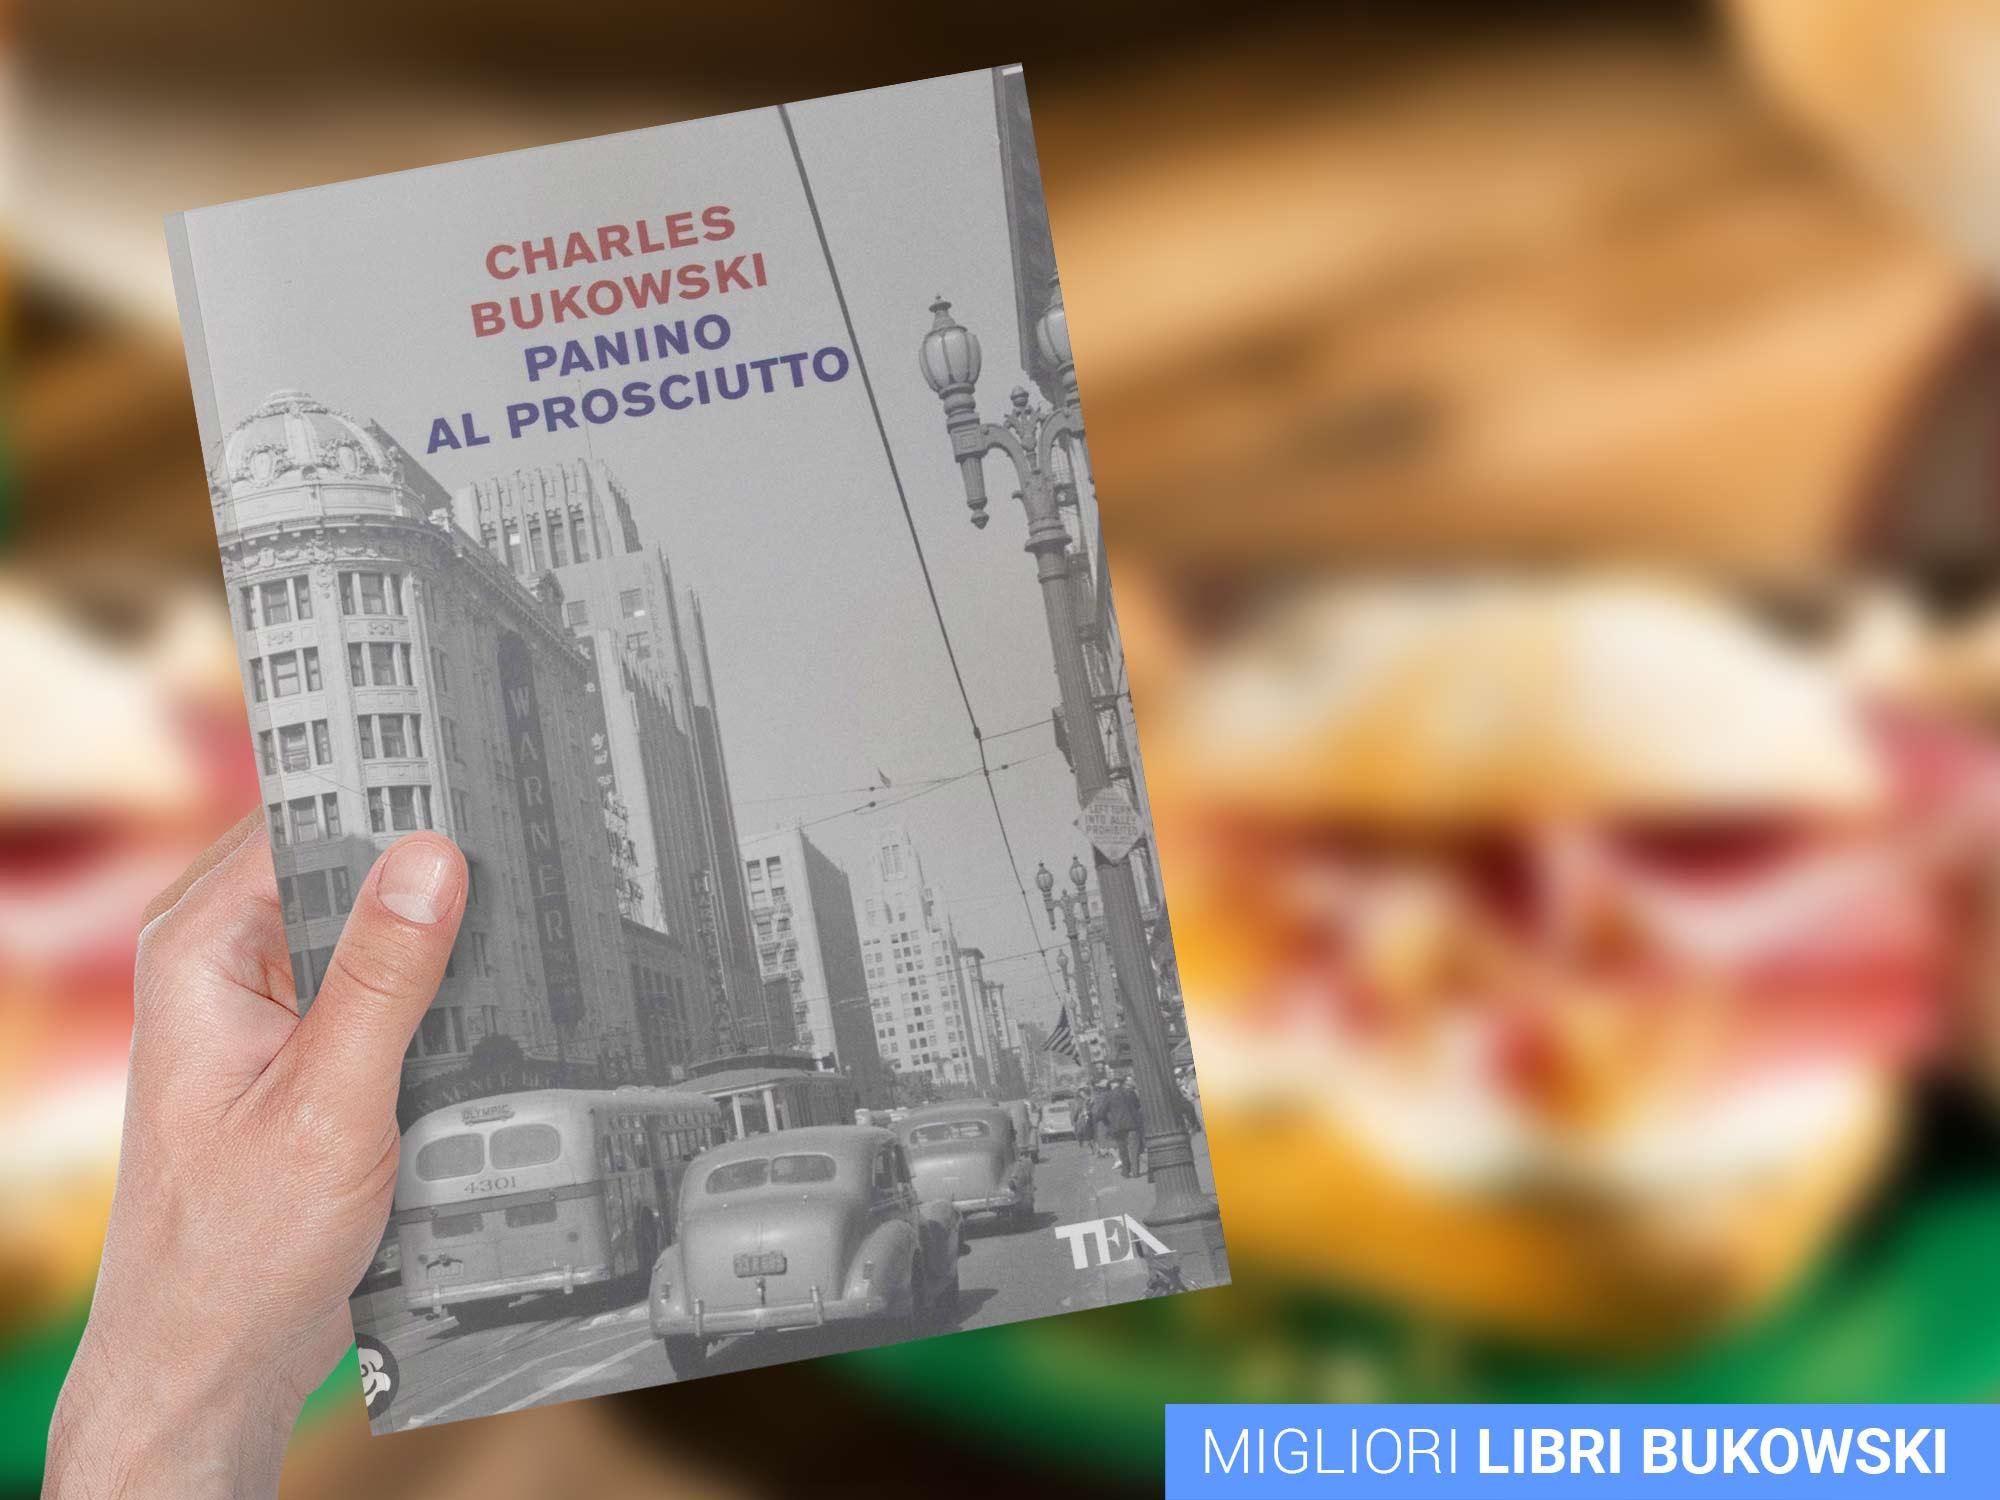 panino-al-prosciutto-libro-bukowski